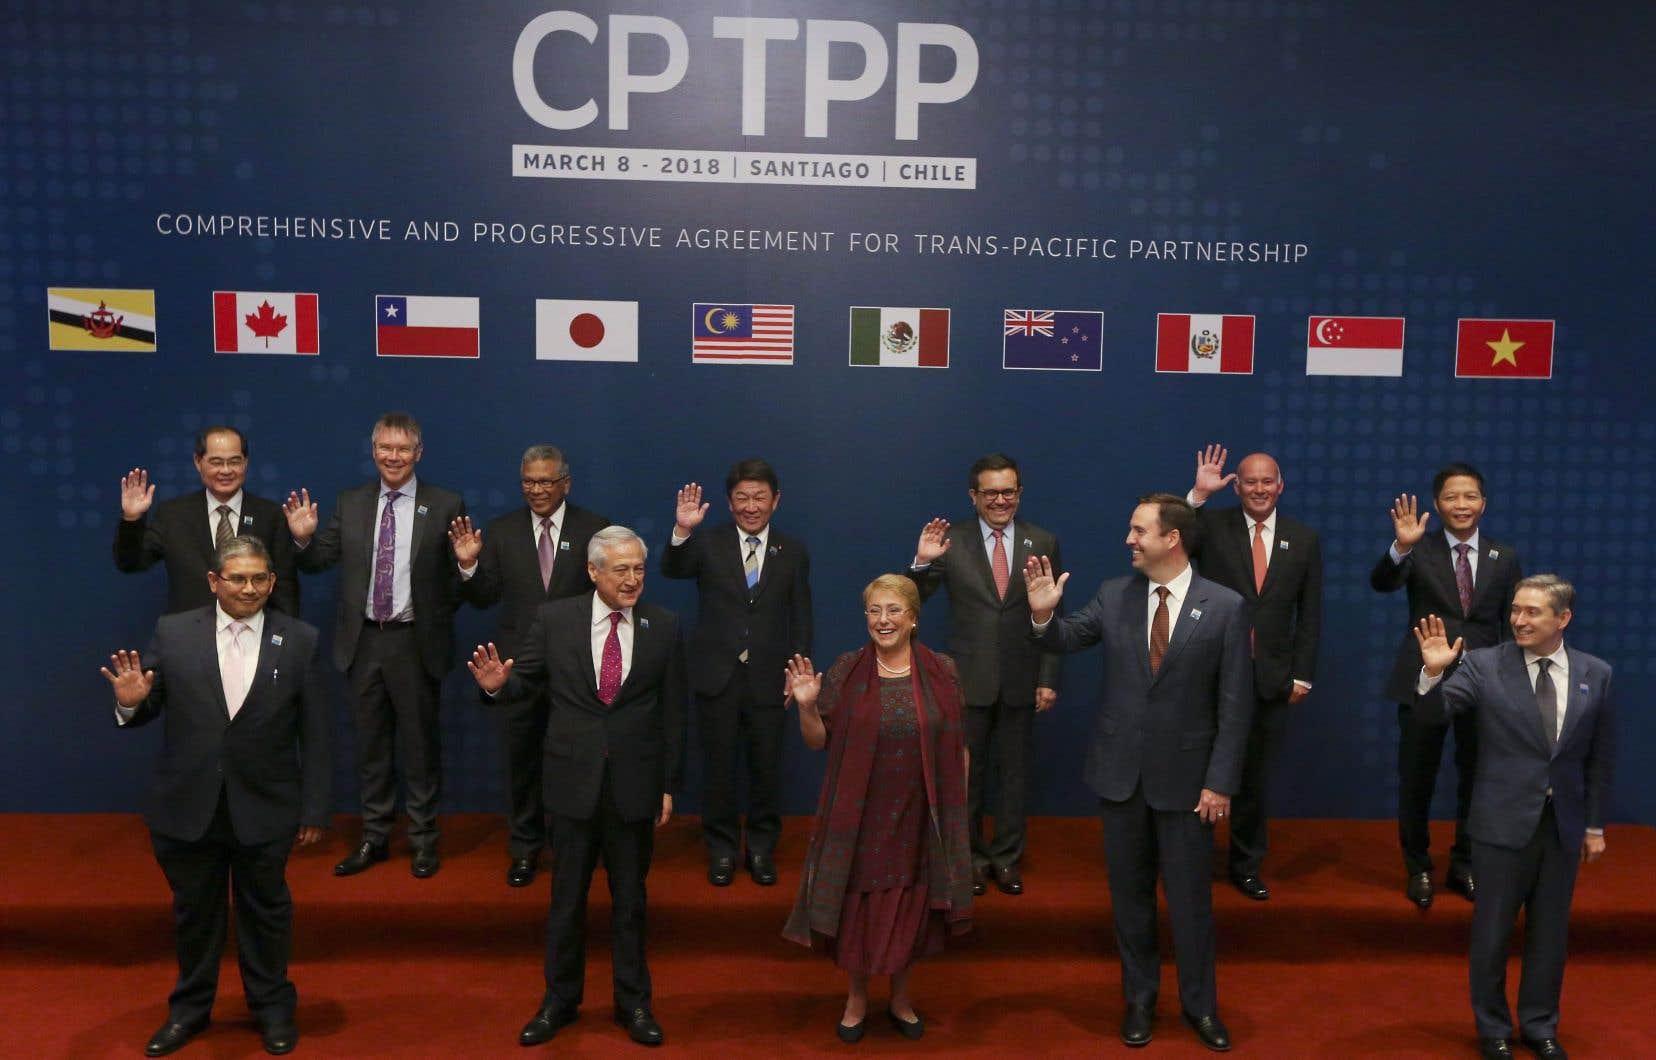 Le PTP doit entrer en vigueur 60 jours après sa ratification par au moins six des 11 pays signataires.